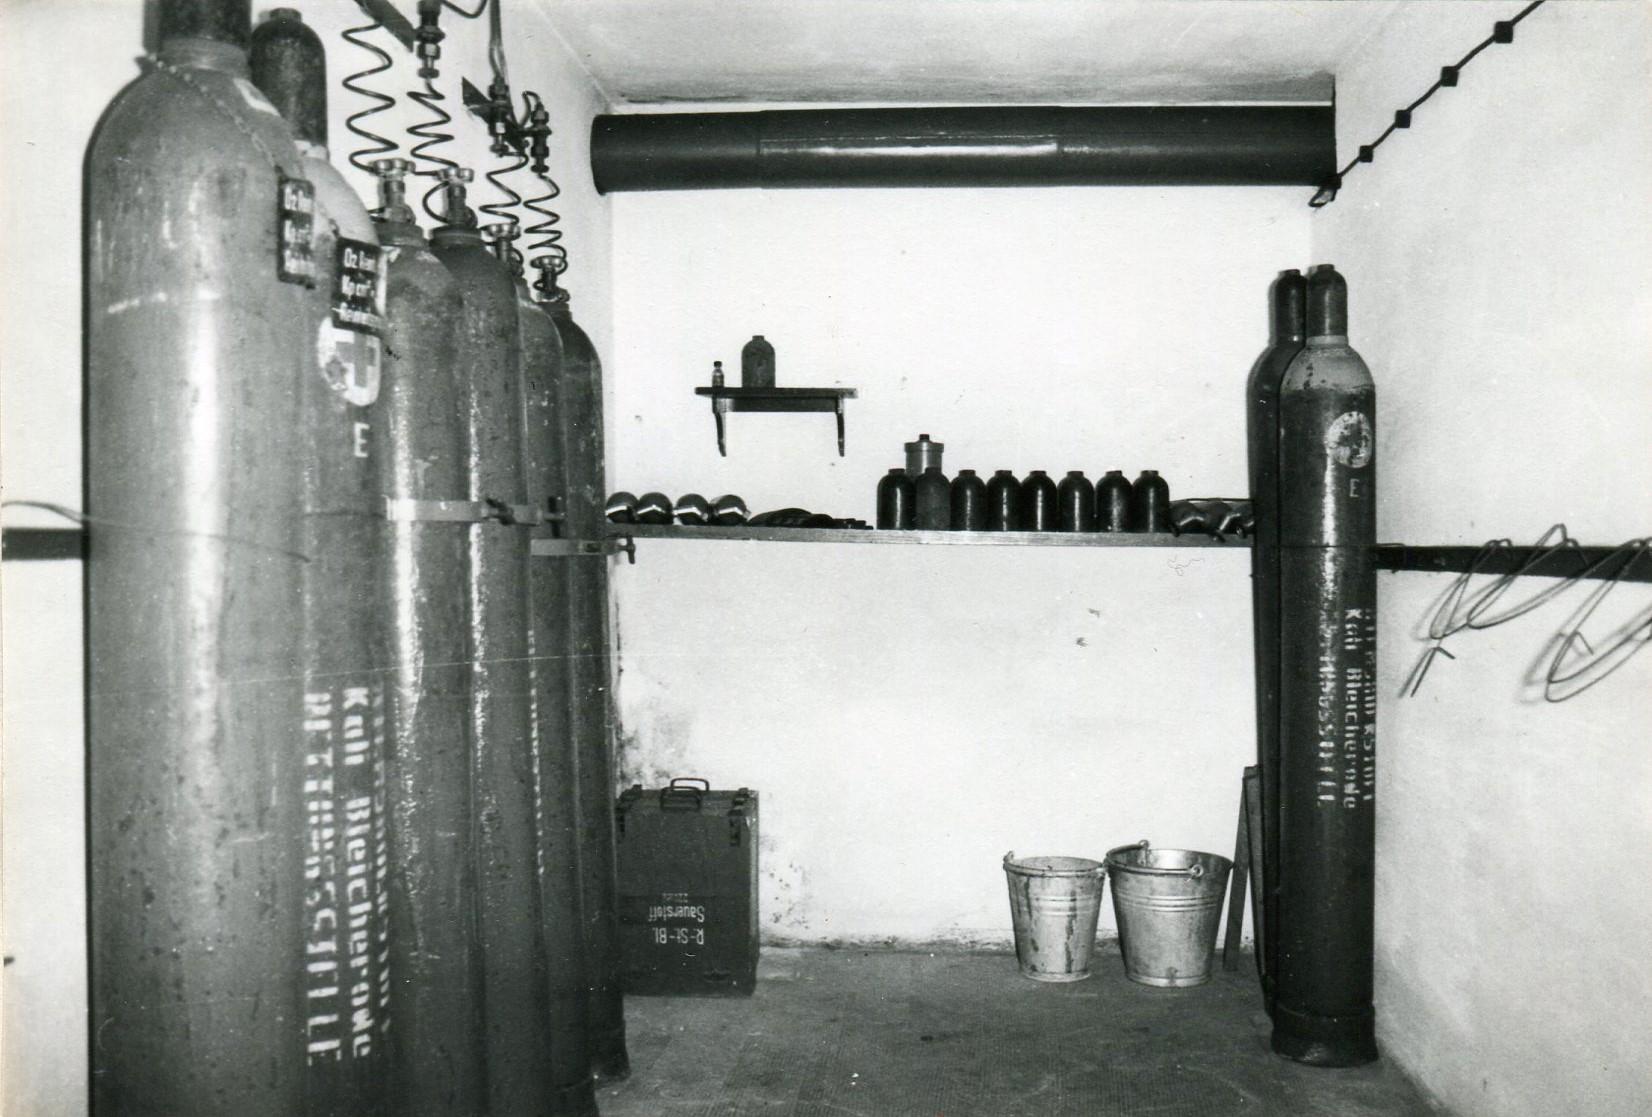 O² Vorratsraum im Keller der Grubenrettungsstelle